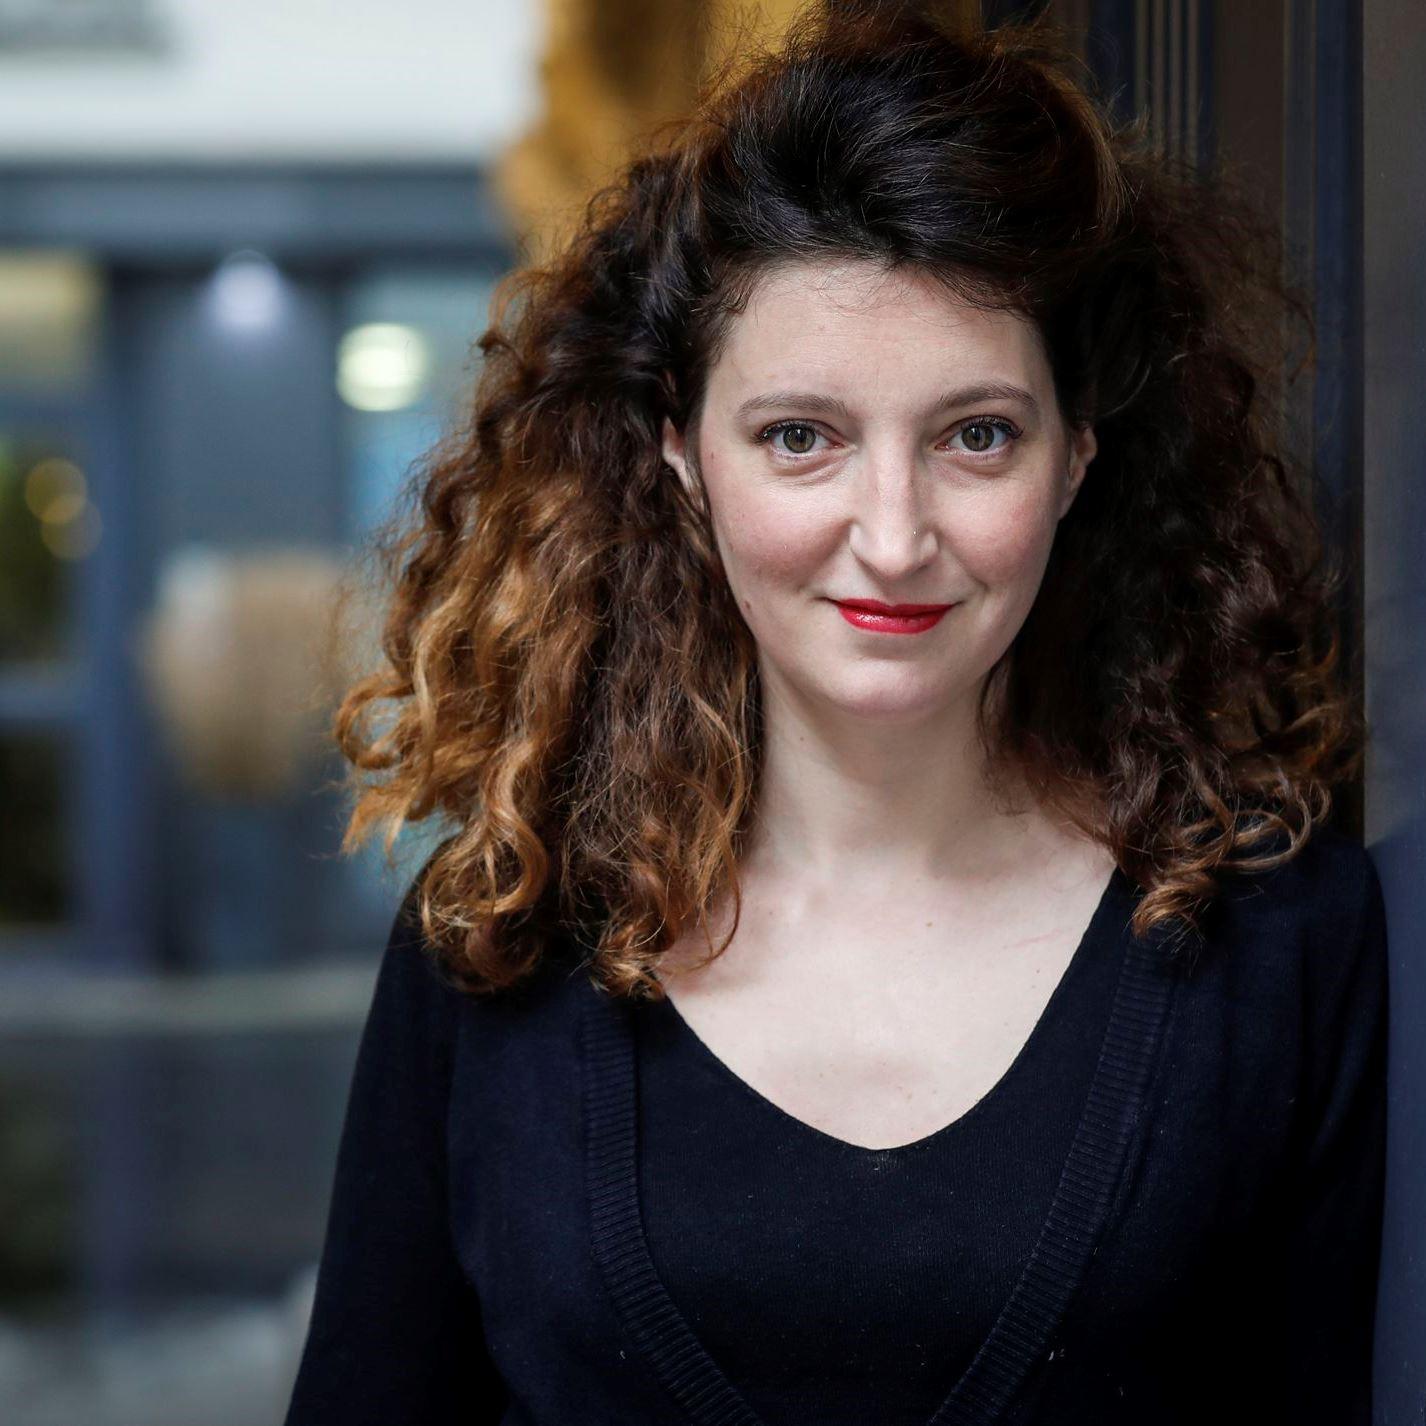 Portrait de Léa WIAZEMSKY - - autrice présente au Salon du Livre de Royat-Chamalières 2019